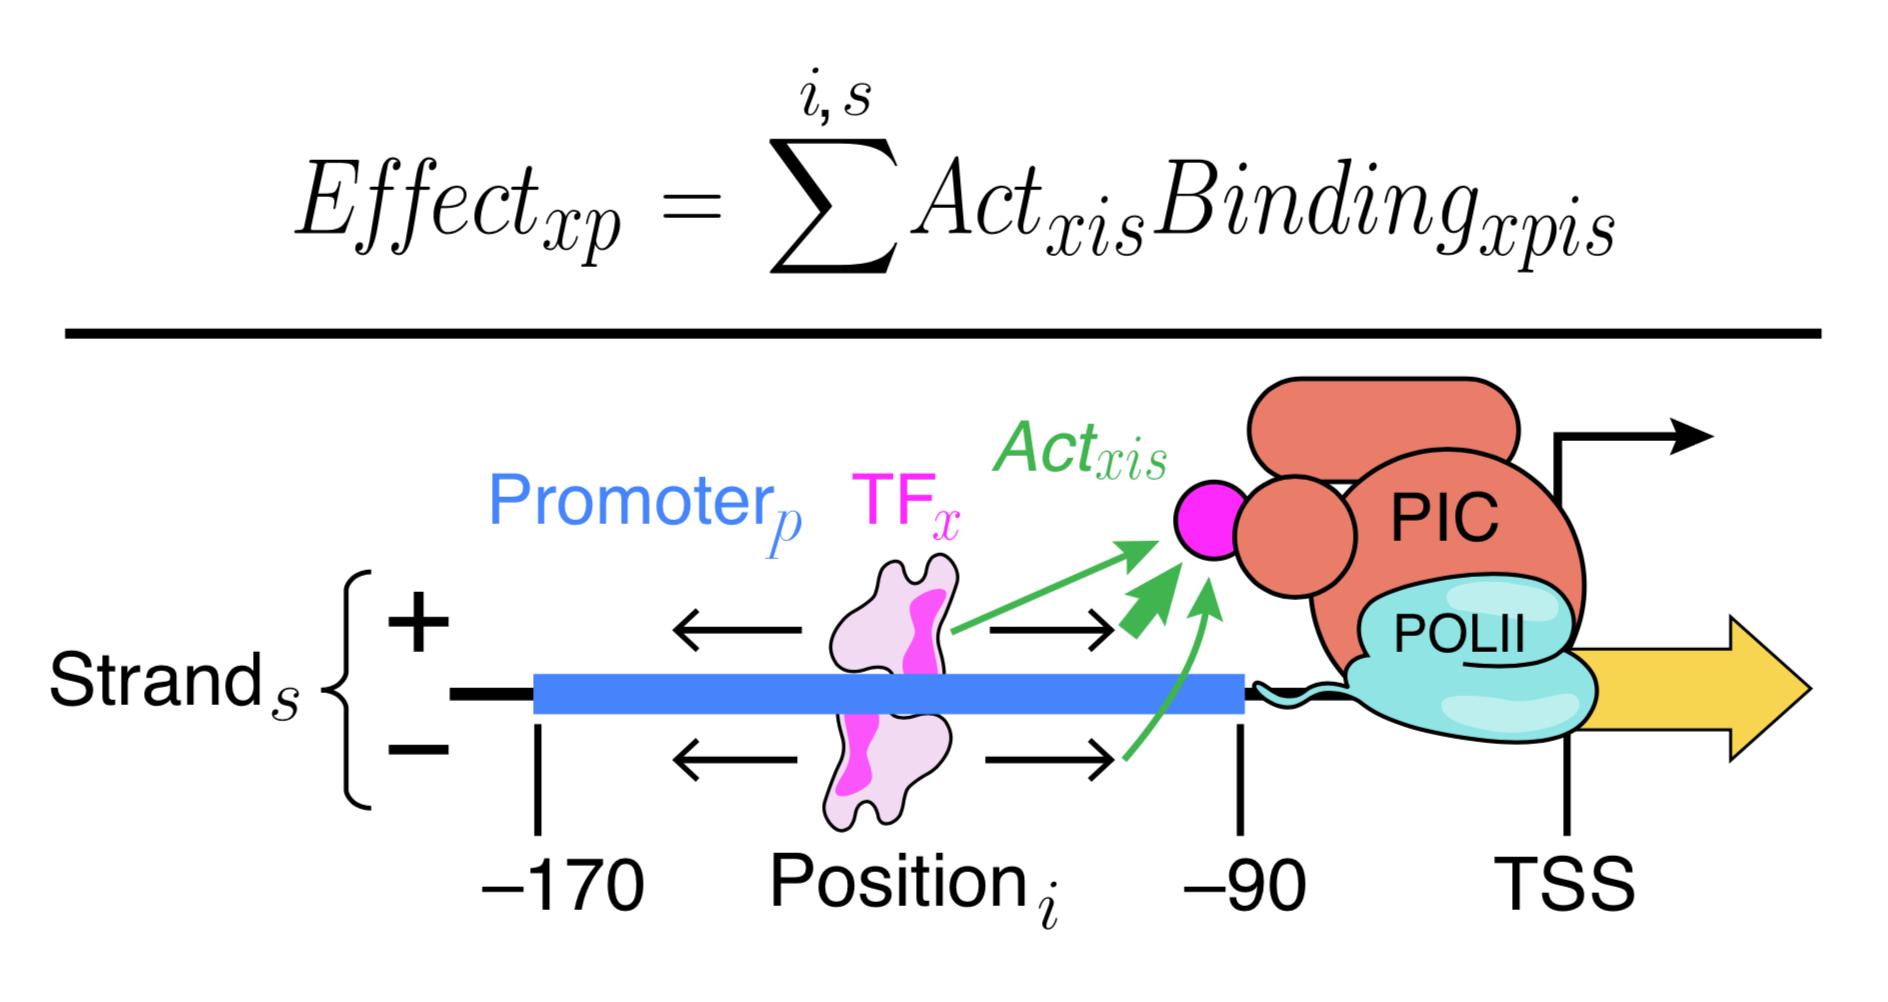 Positional models